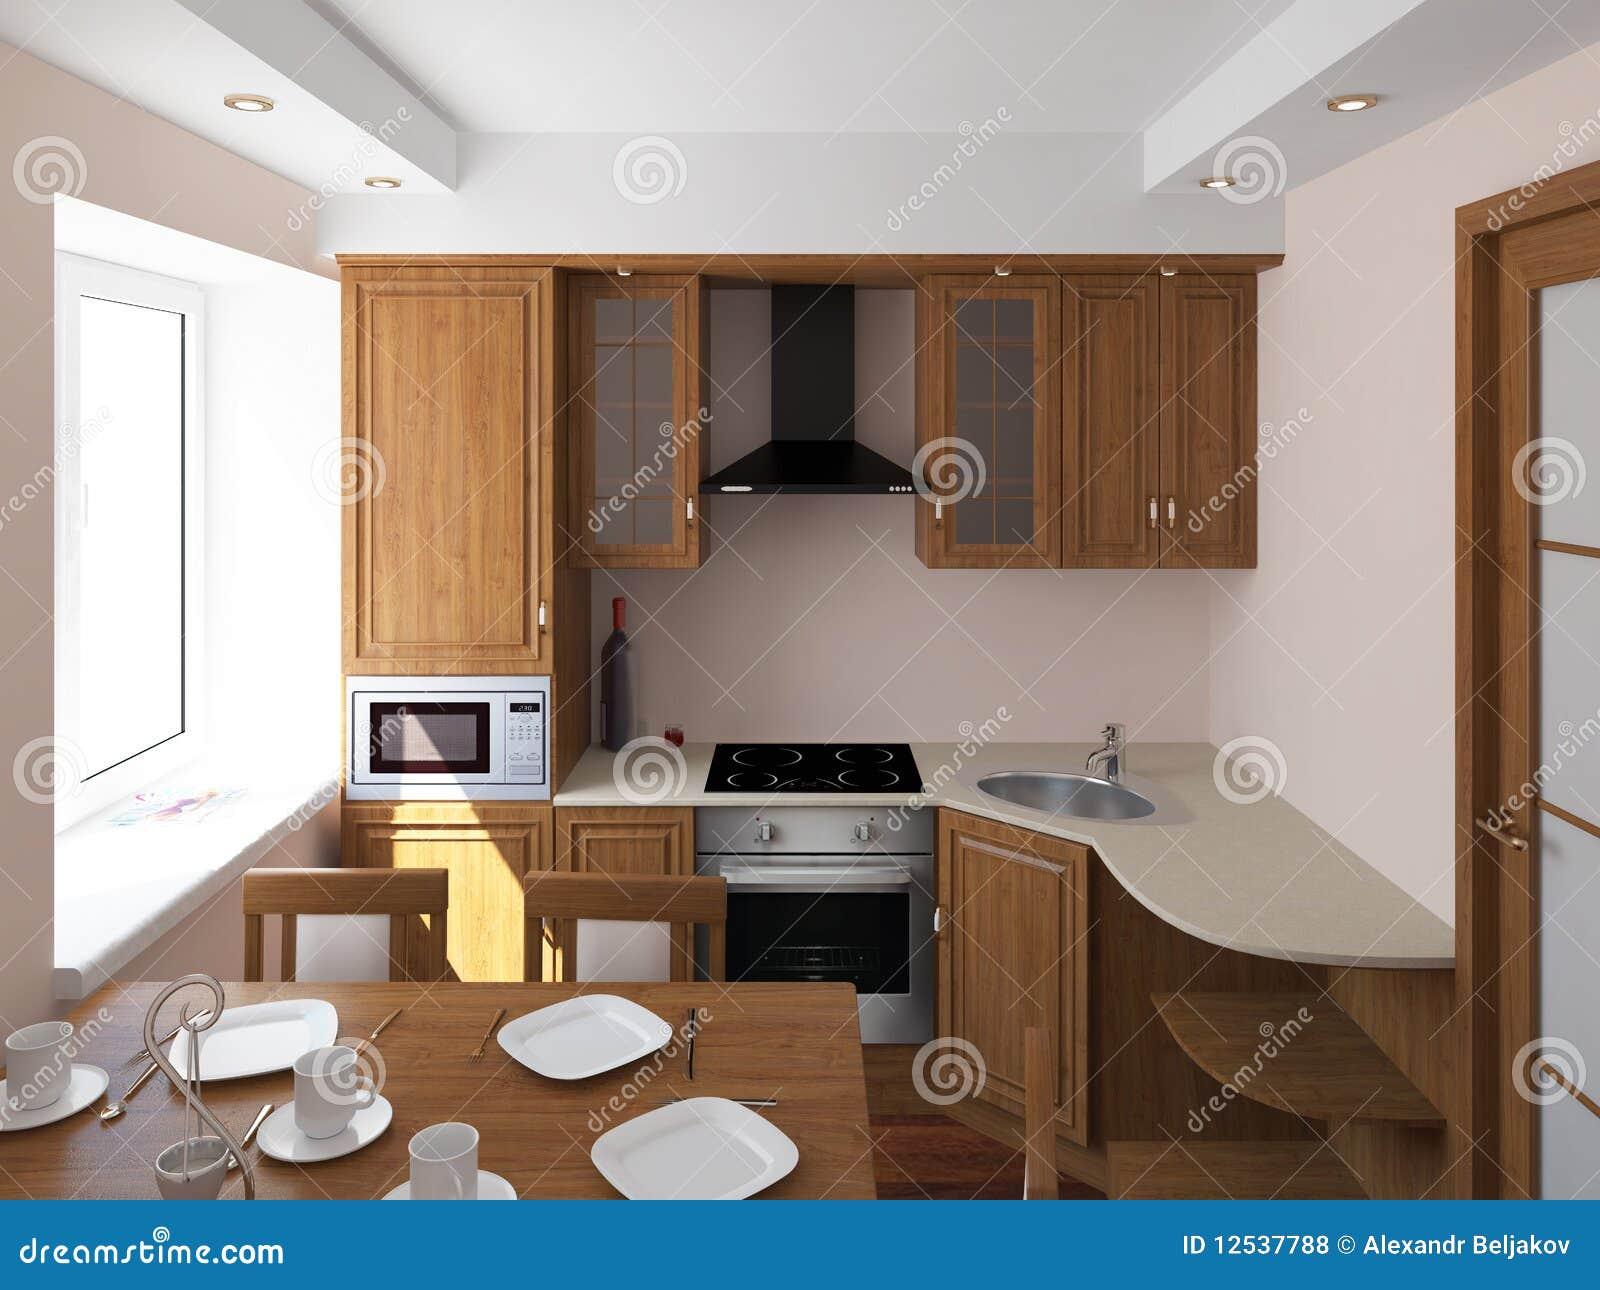 Einfache Küche stock abbildung. Illustration von dunkel - 12537788